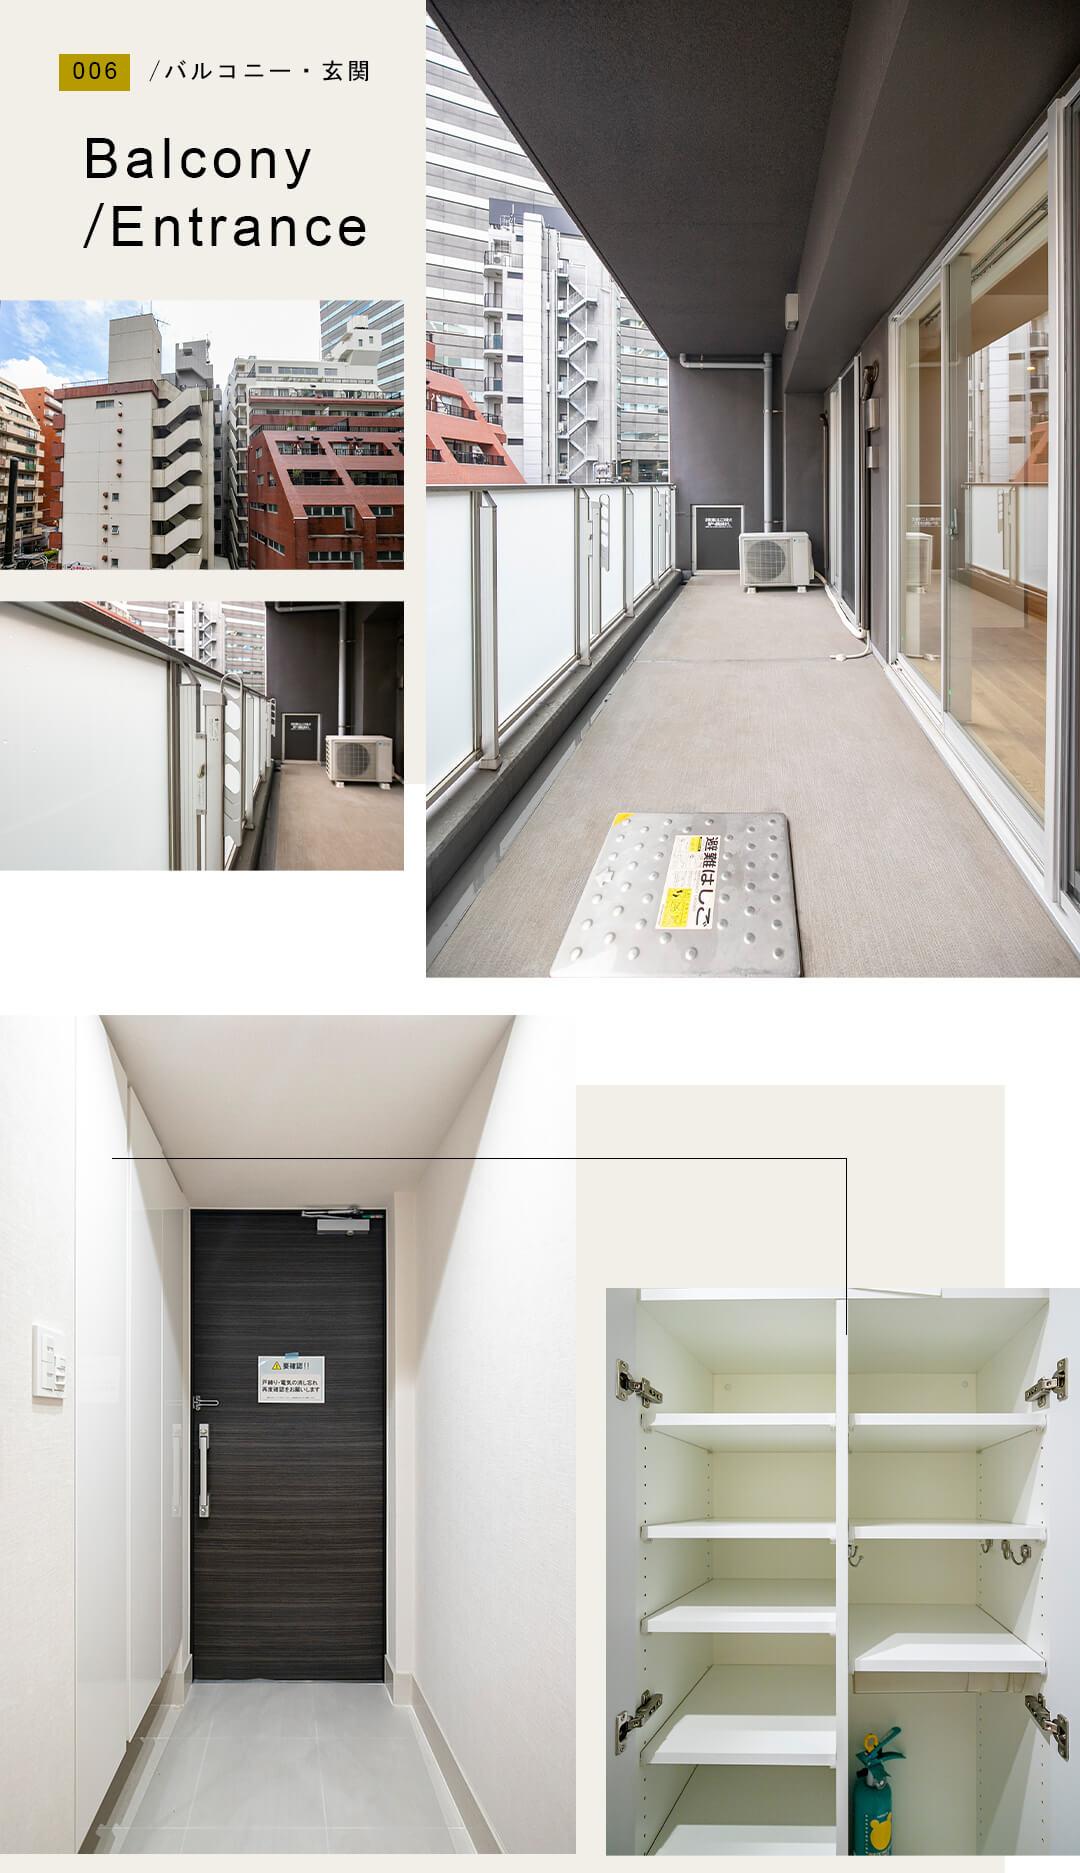 006バルコニー,玄関,Balcony,Entrance